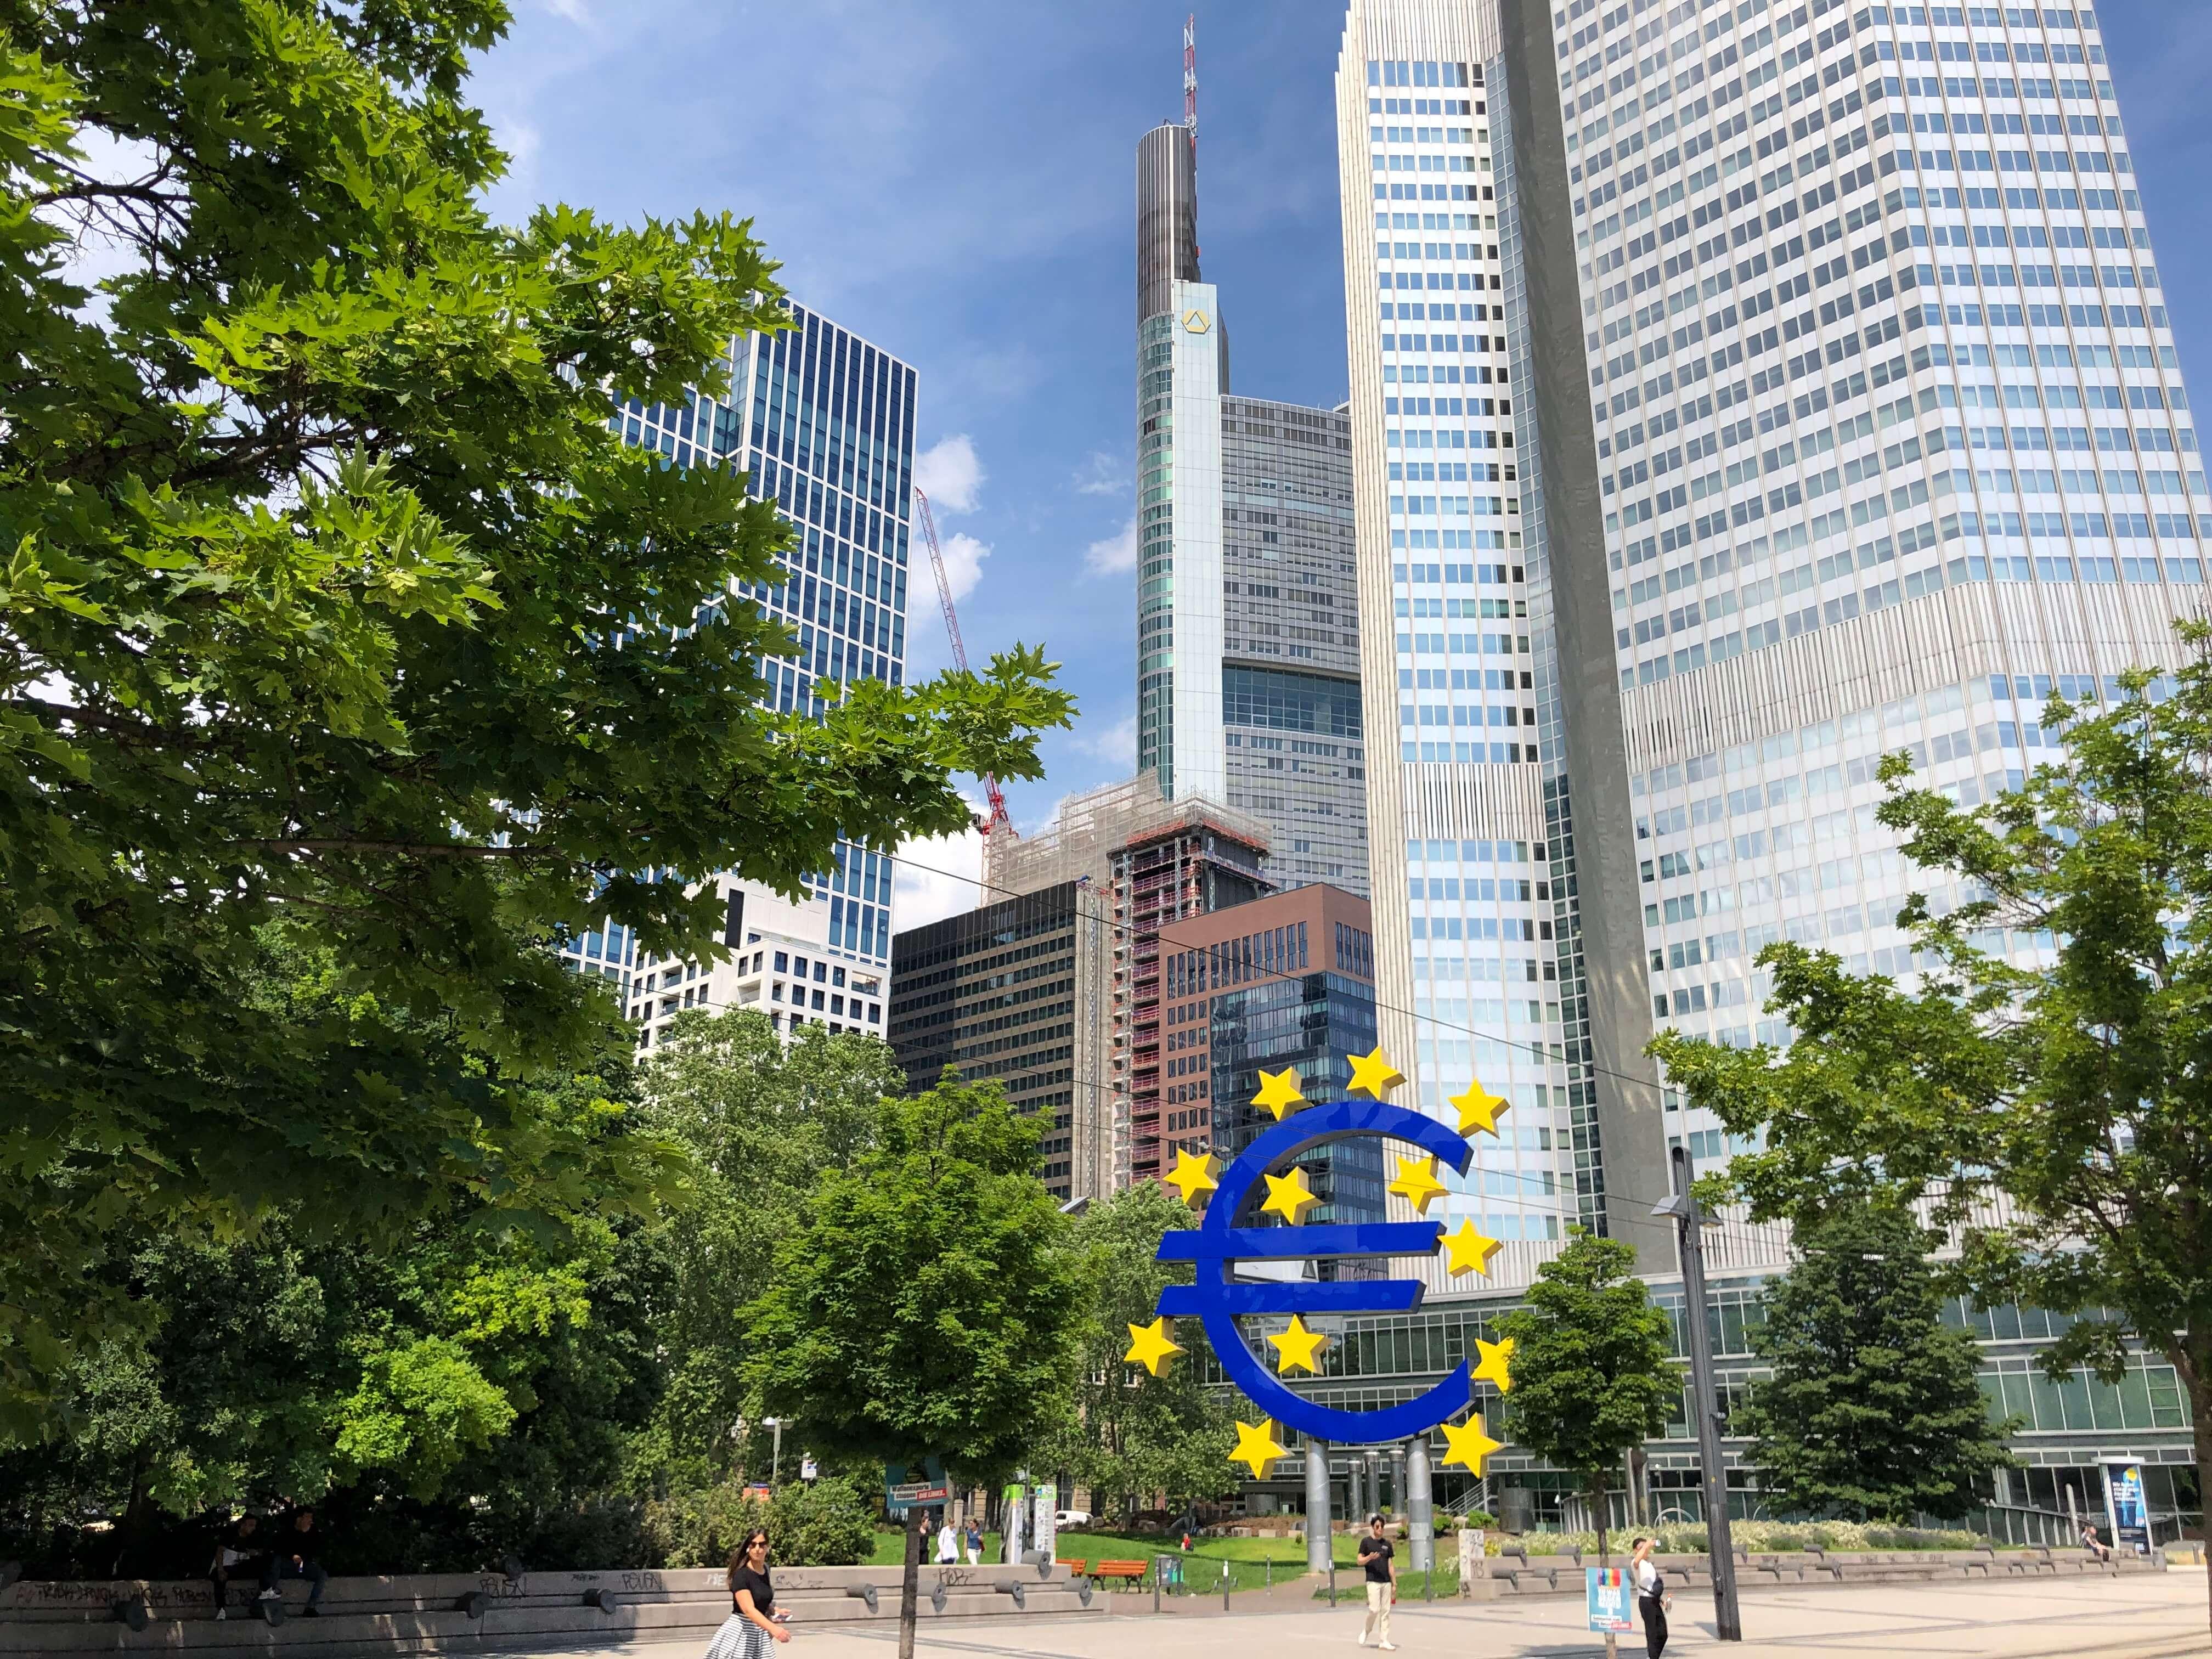 ezb frankfurt lizenzfreies bild kostenlos herunterladen